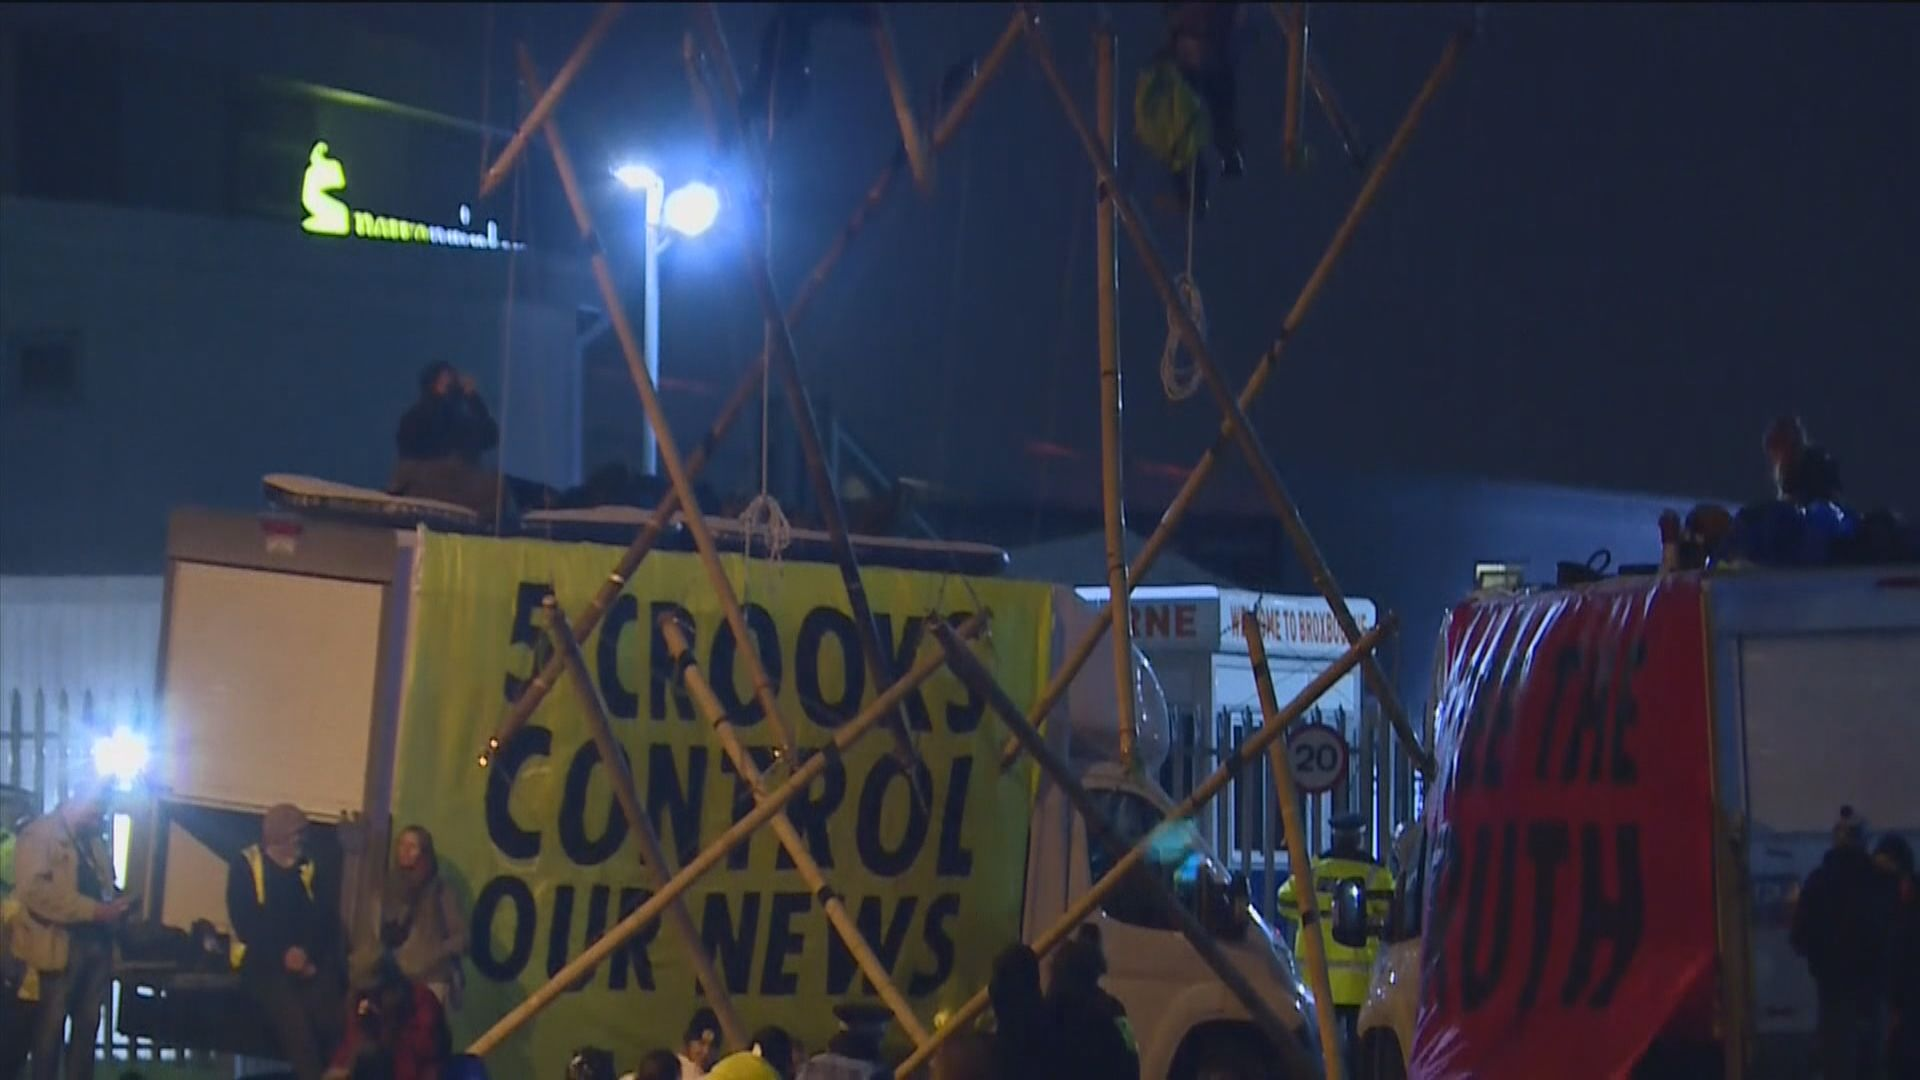 英國有環保組織示威 阻礙運送報章